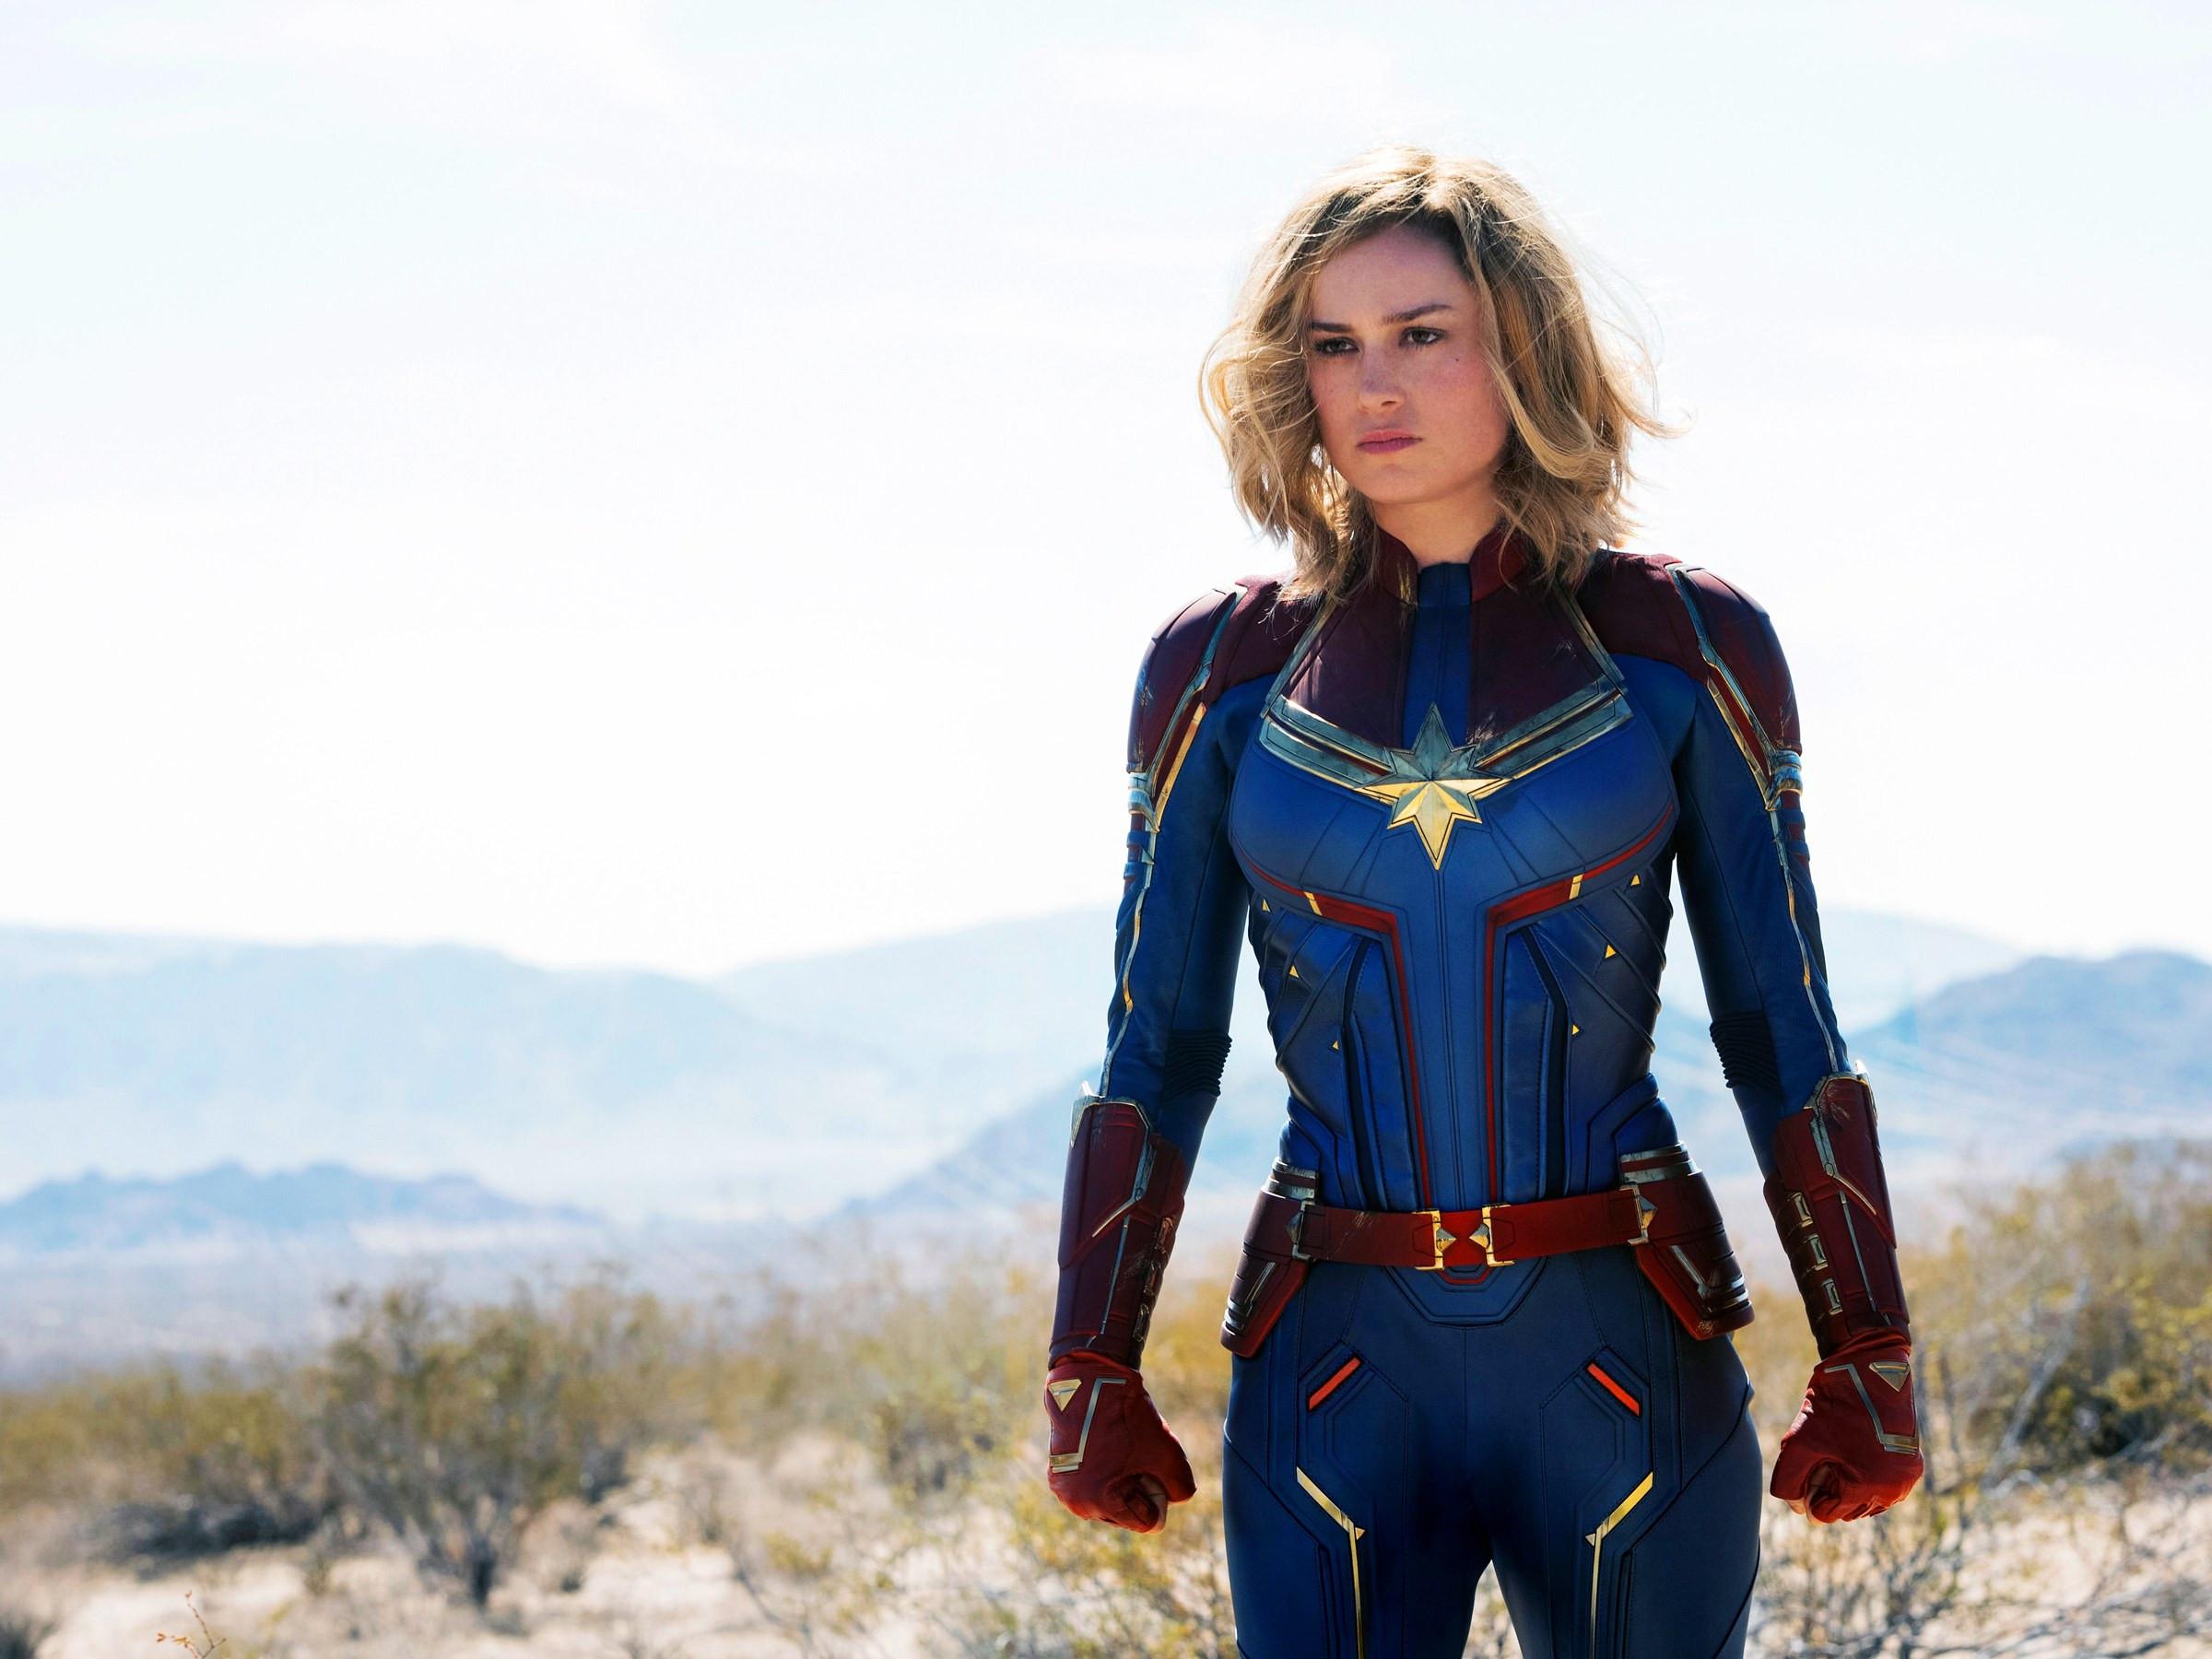 Capitã Marvel bate mais de US$ 1 bi em bilheteria com menos de 1 mês